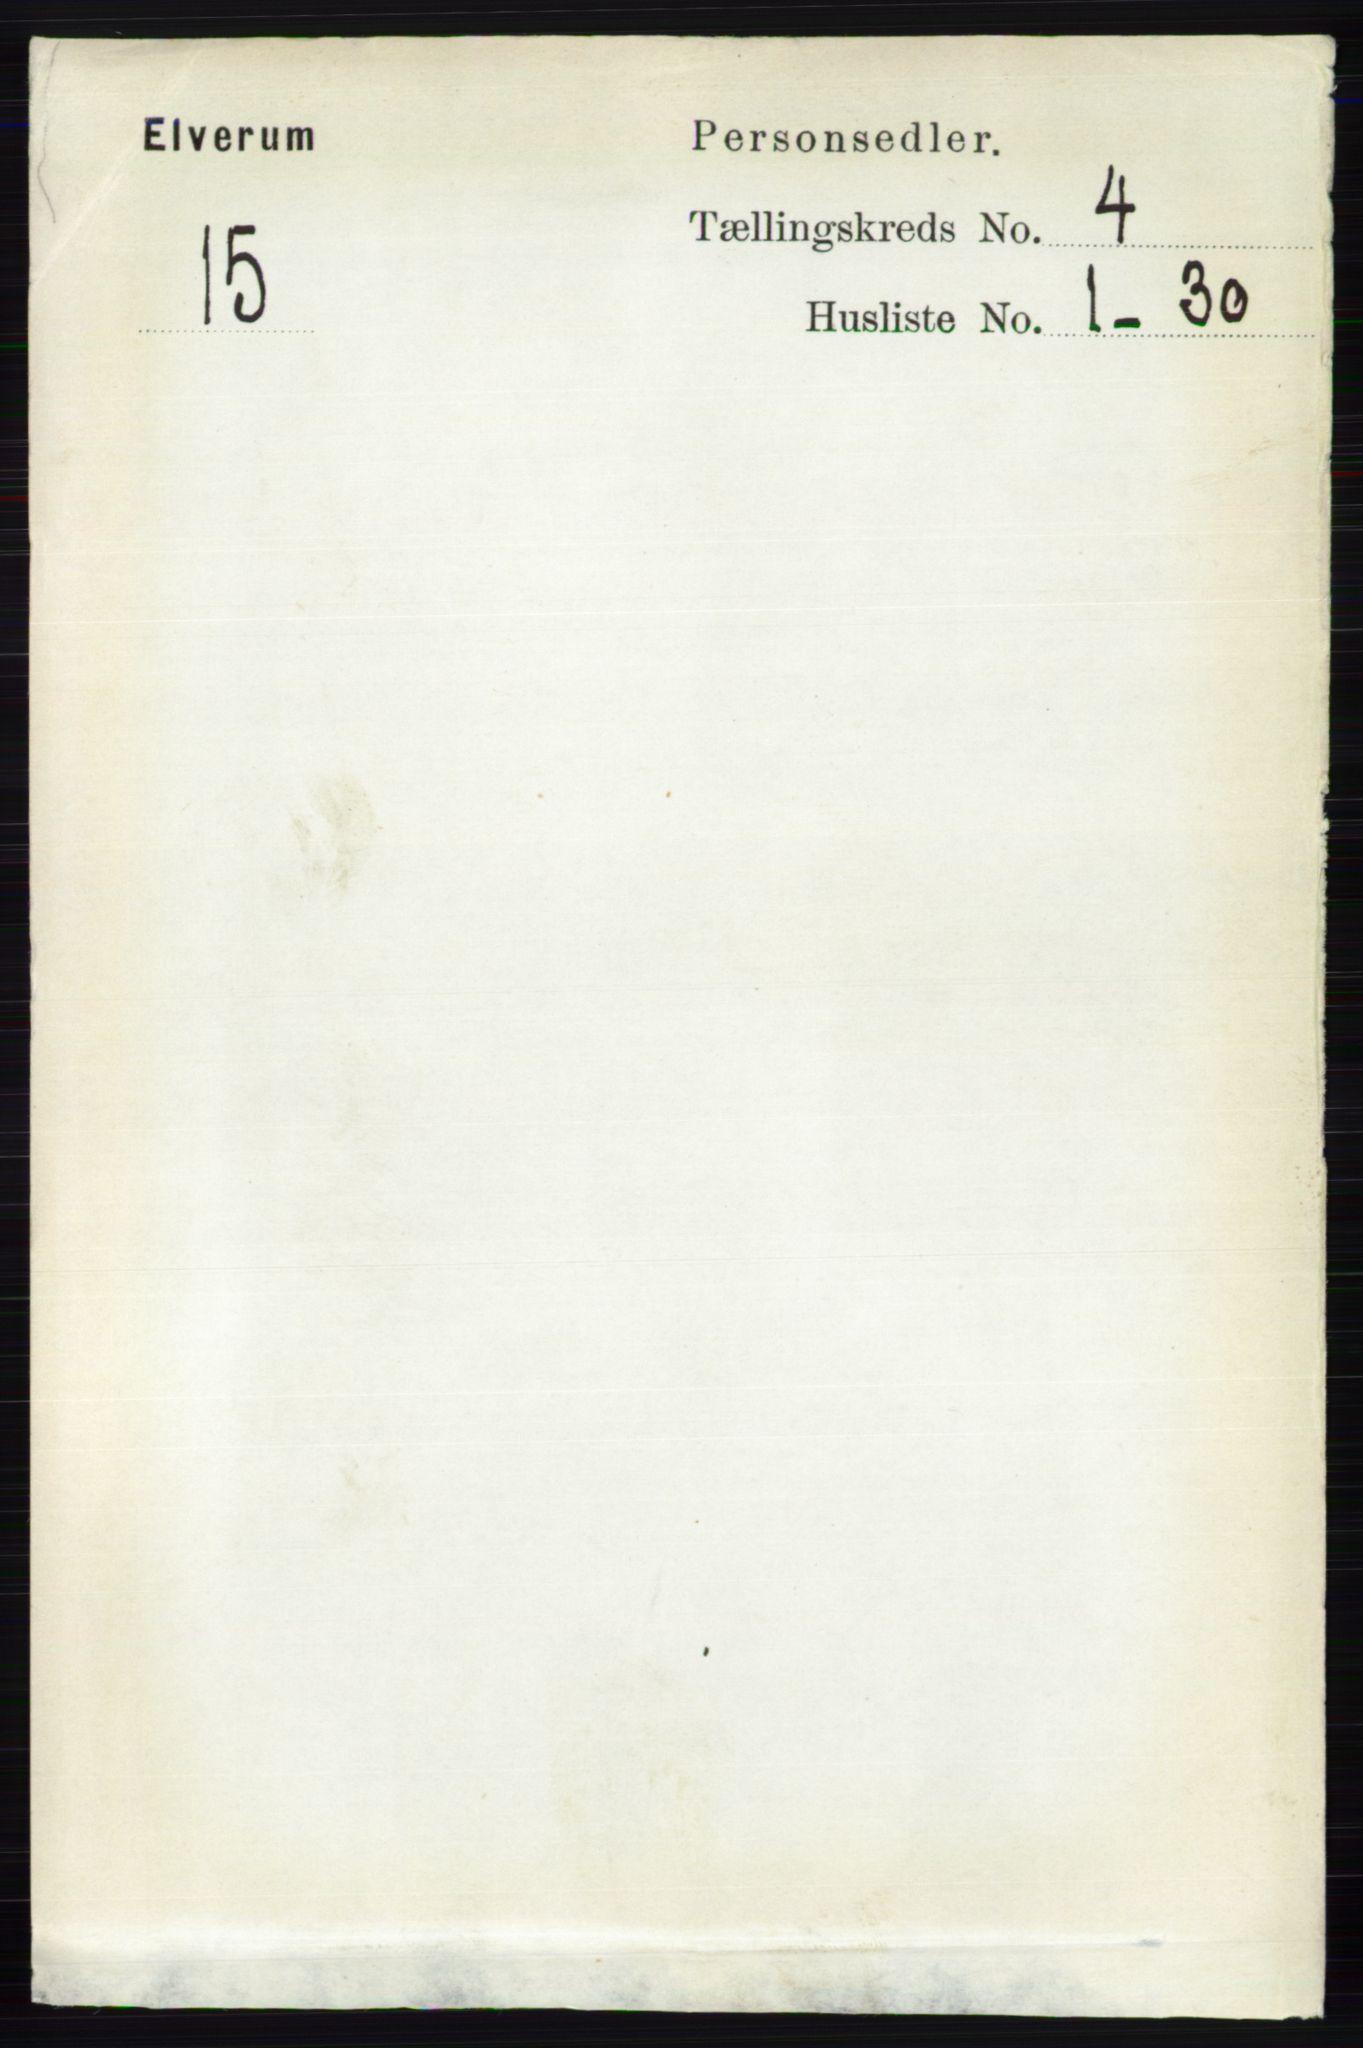 RA, Folketelling 1891 for 0427 Elverum herred, 1891, s. 2373